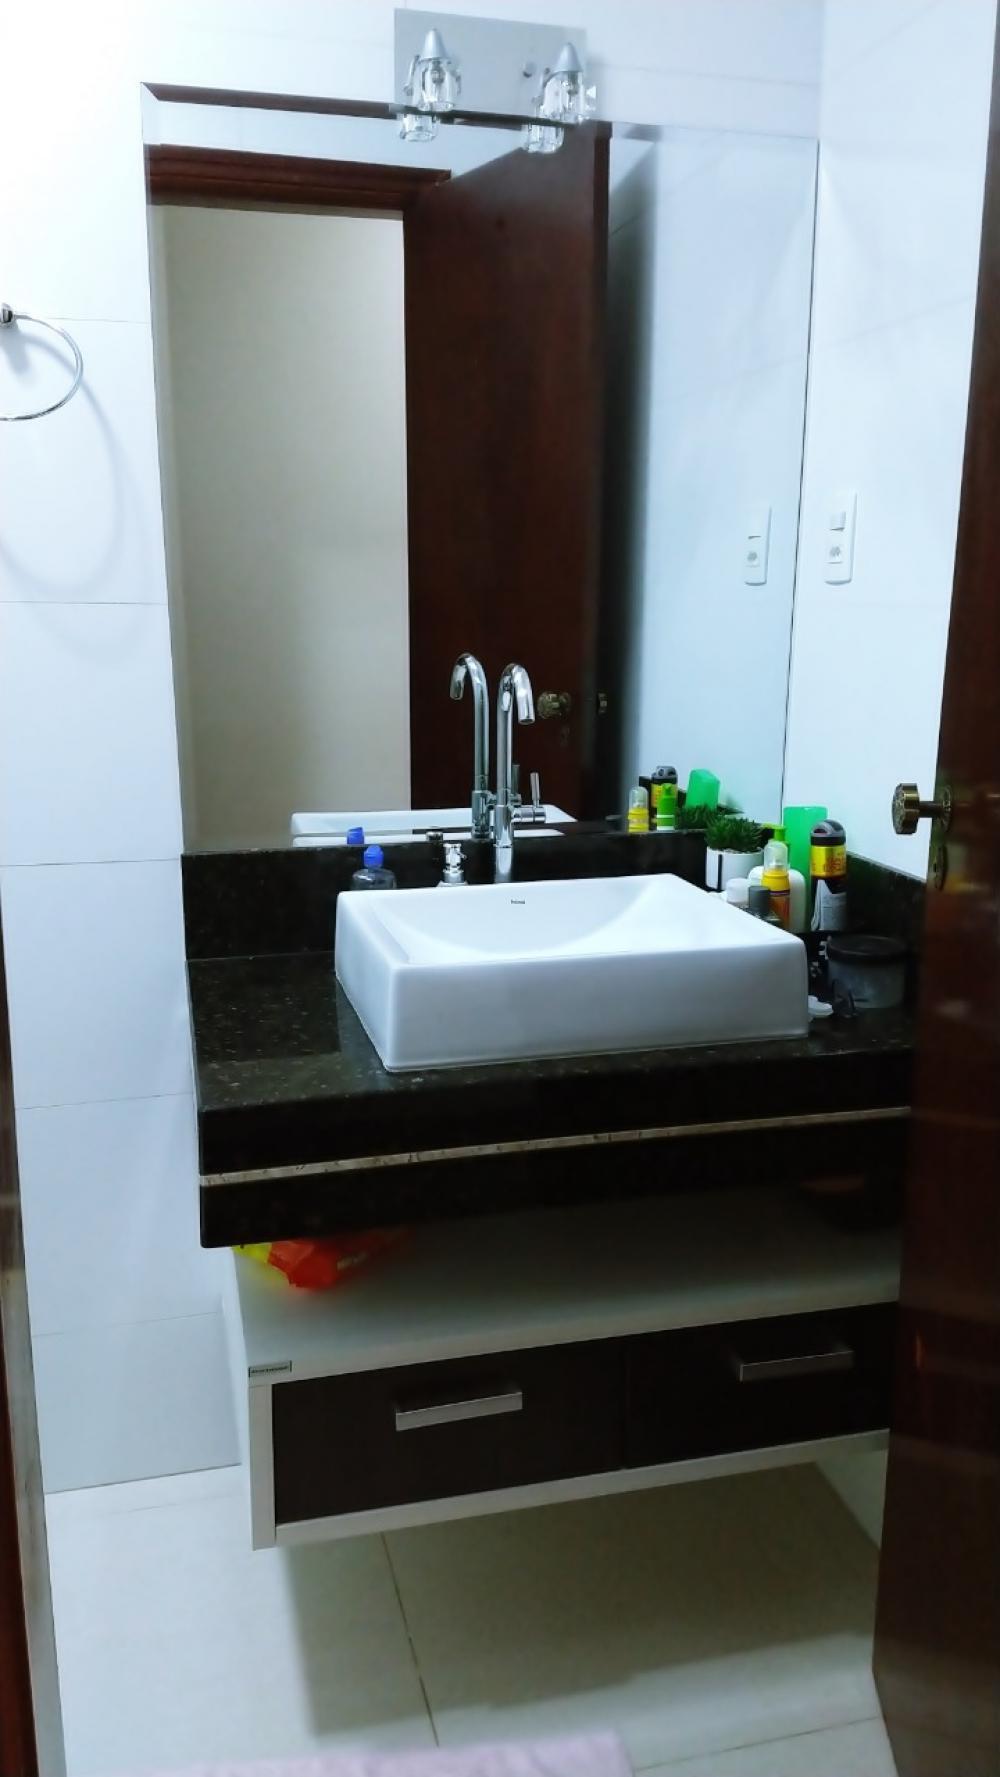 Excelente casa contendo 3 dormitórios sendo 1 suíte, sala 2 ambientes, cozinha planejada, banheiro social, lavanderia e 2 vagas de garagem cobertas, todos os cômodos com armários.